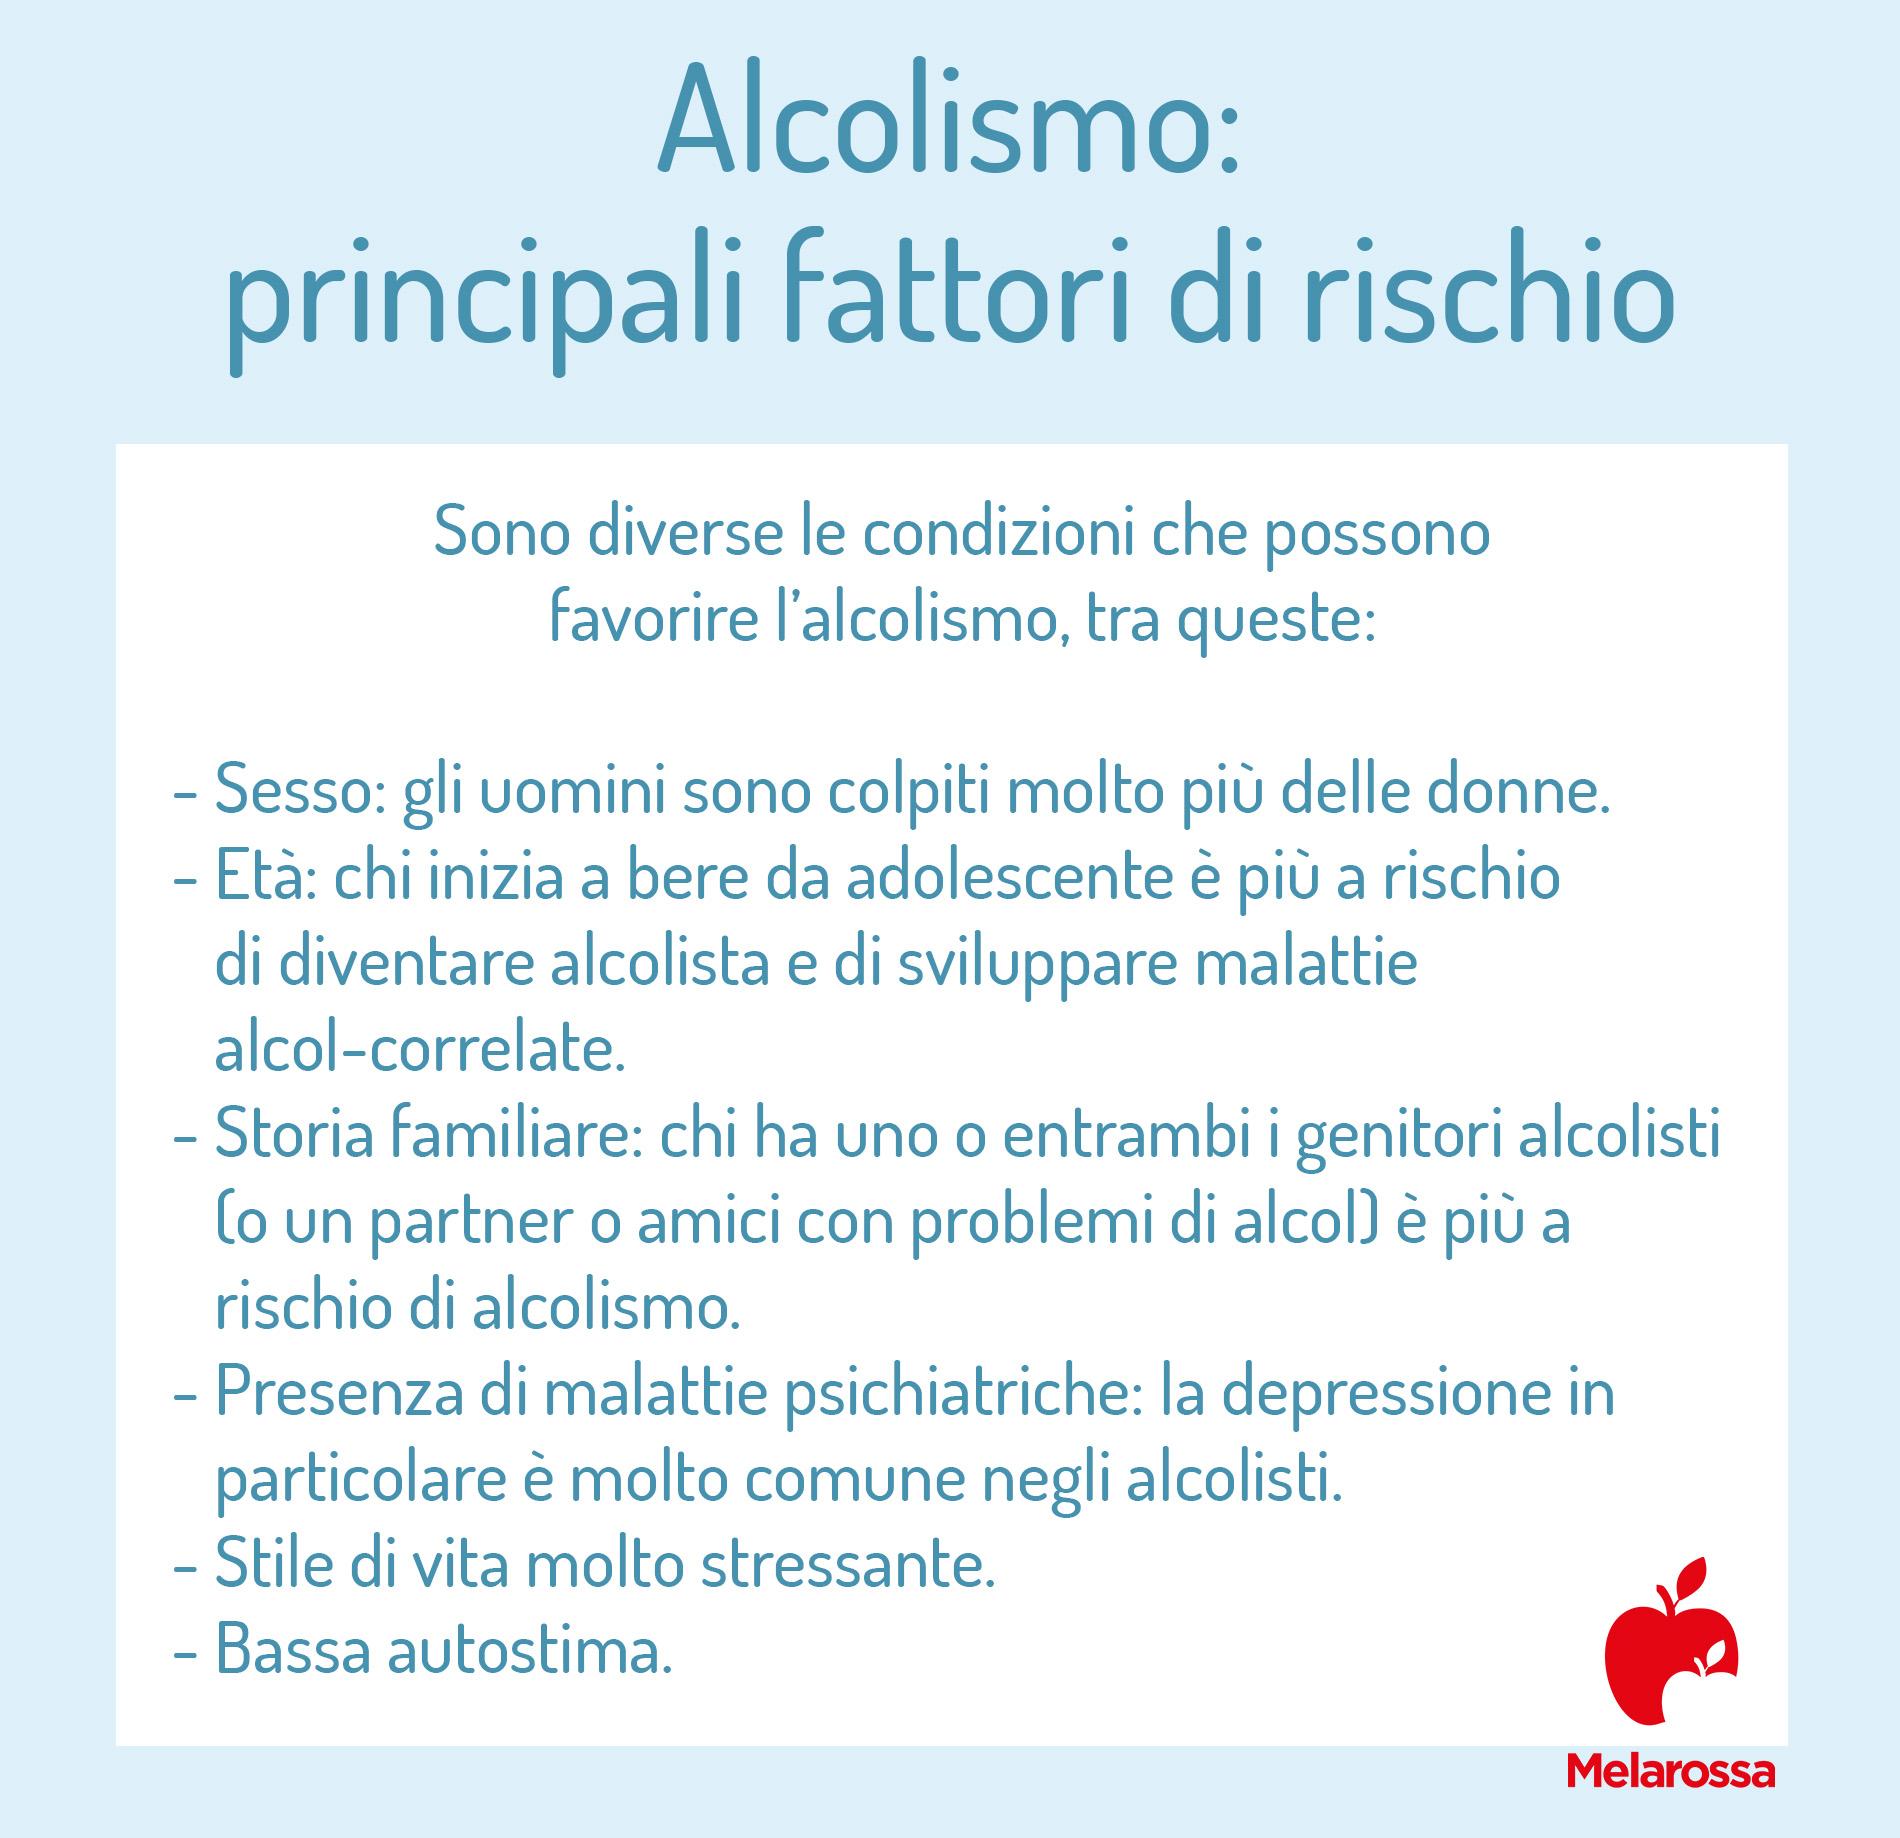 alcolismo: fattori di rischio